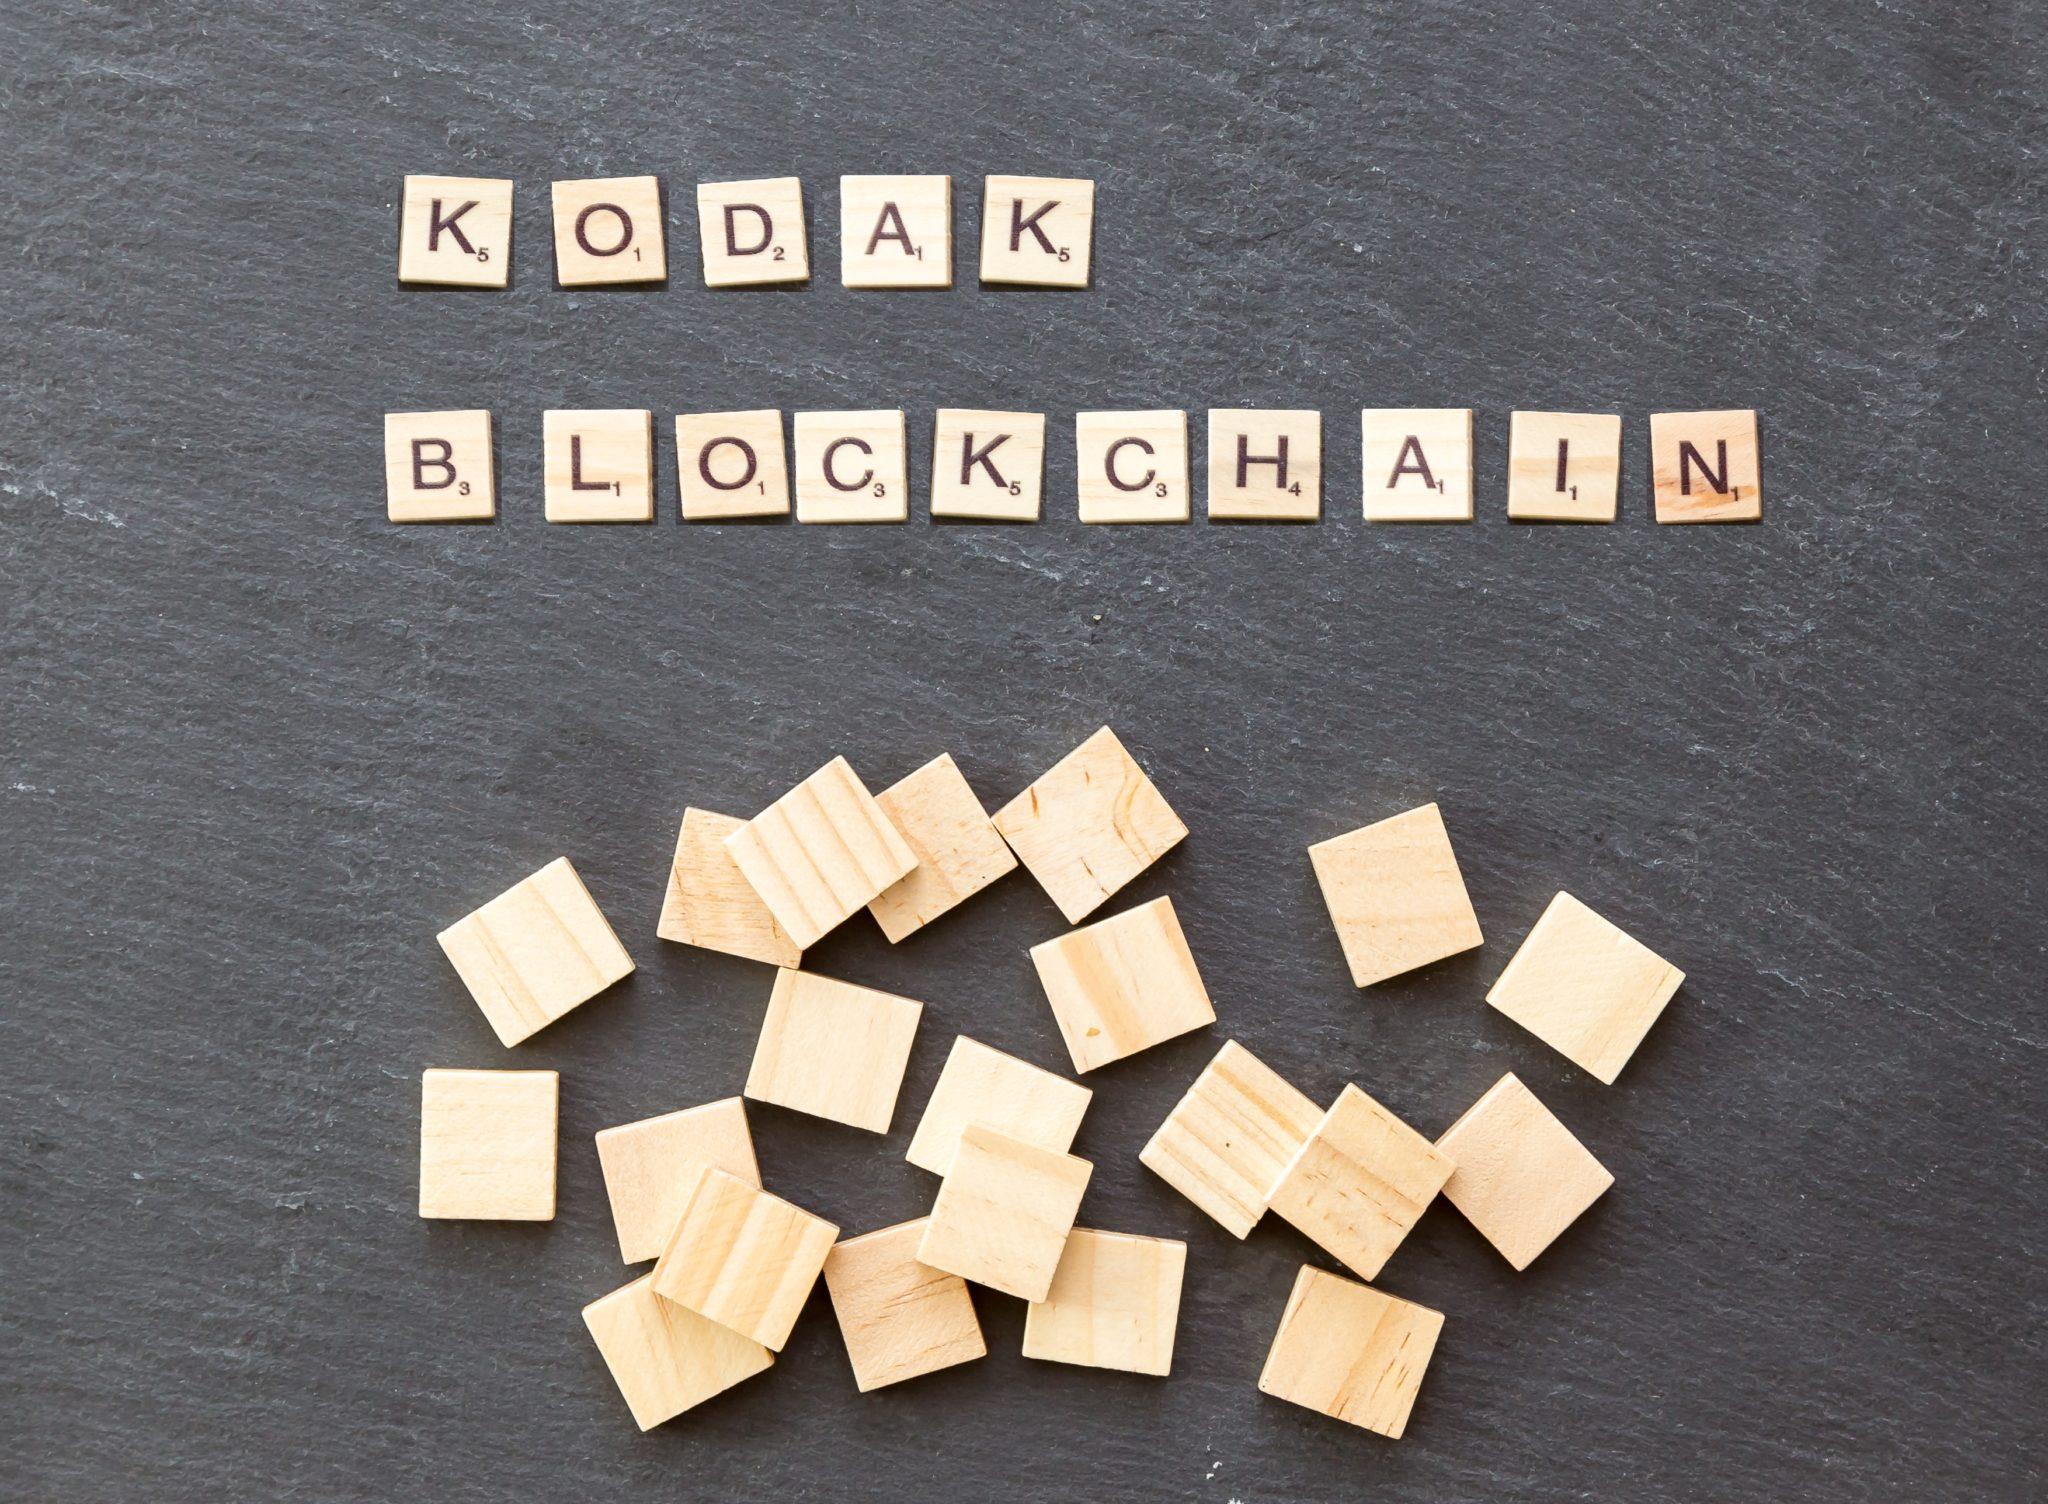 ICO Blockchain Kodak